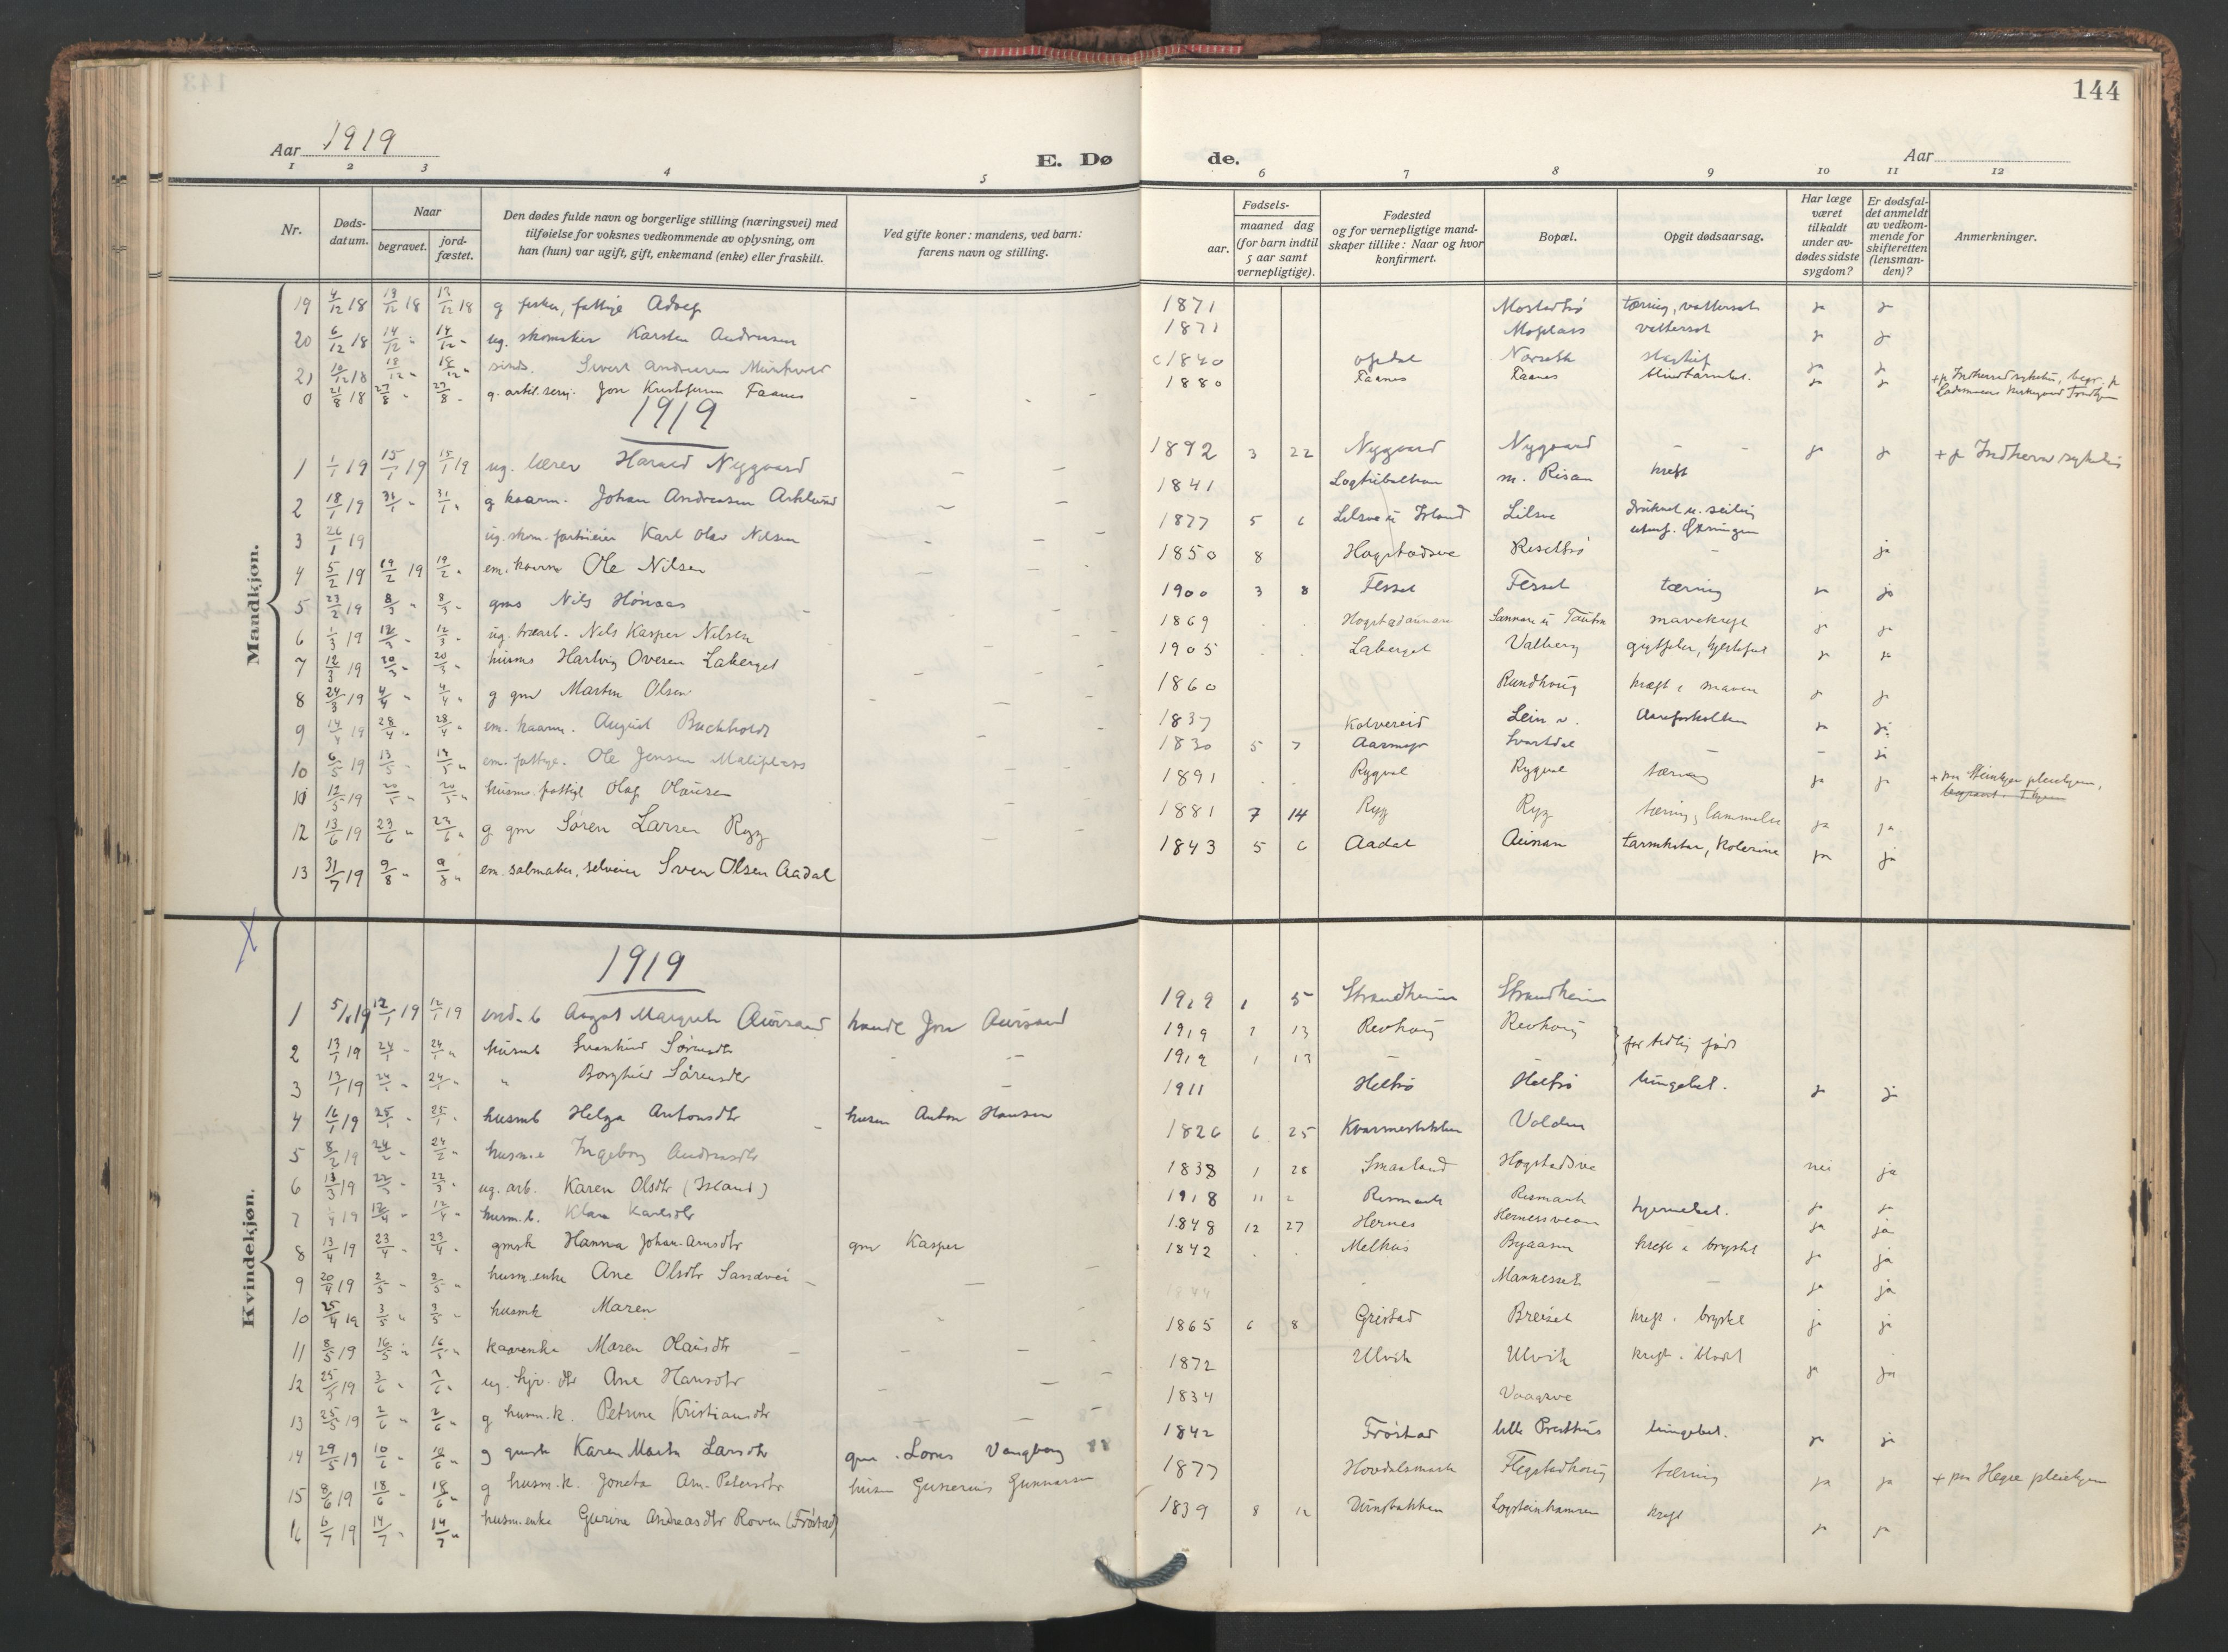 SAT, Ministerialprotokoller, klokkerbøker og fødselsregistre - Nord-Trøndelag, 713/L0123: Ministerialbok nr. 713A12, 1911-1925, s. 144